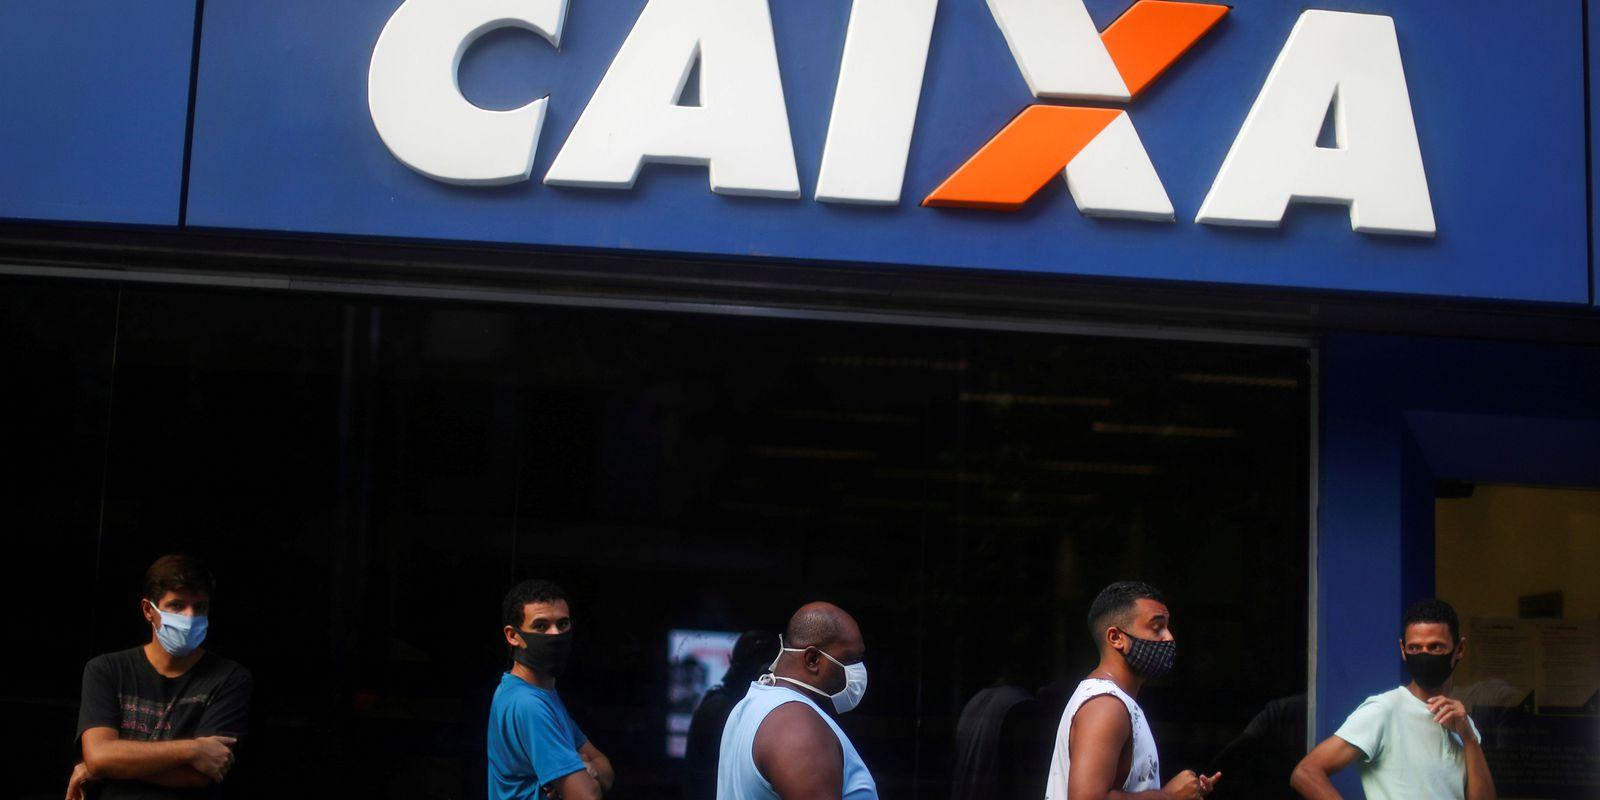 Pessoas formam fila em agência da Caixa Econômica Federal no Rio de Janeiro